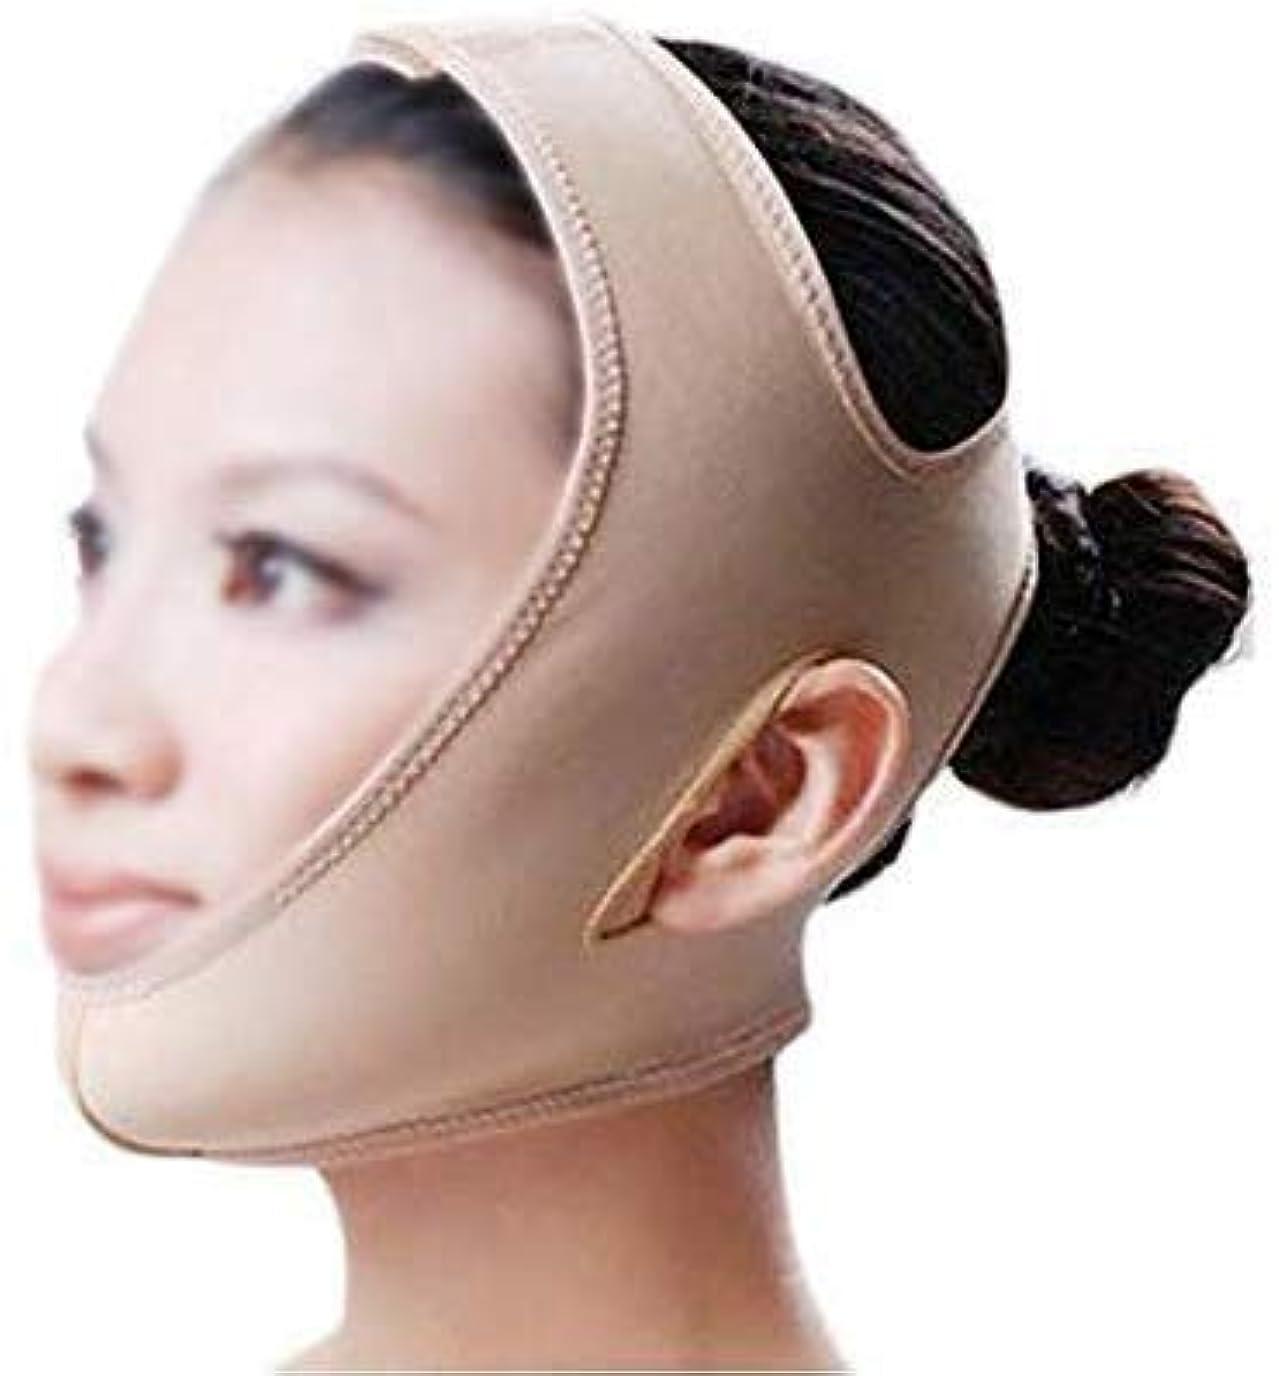 無視するうがい薬警戒美容と実用的なVフェイススリムバンデージスキンケアリフトリデュースダブルチンフェイスマスクシンニングベルト(サイズ:S)